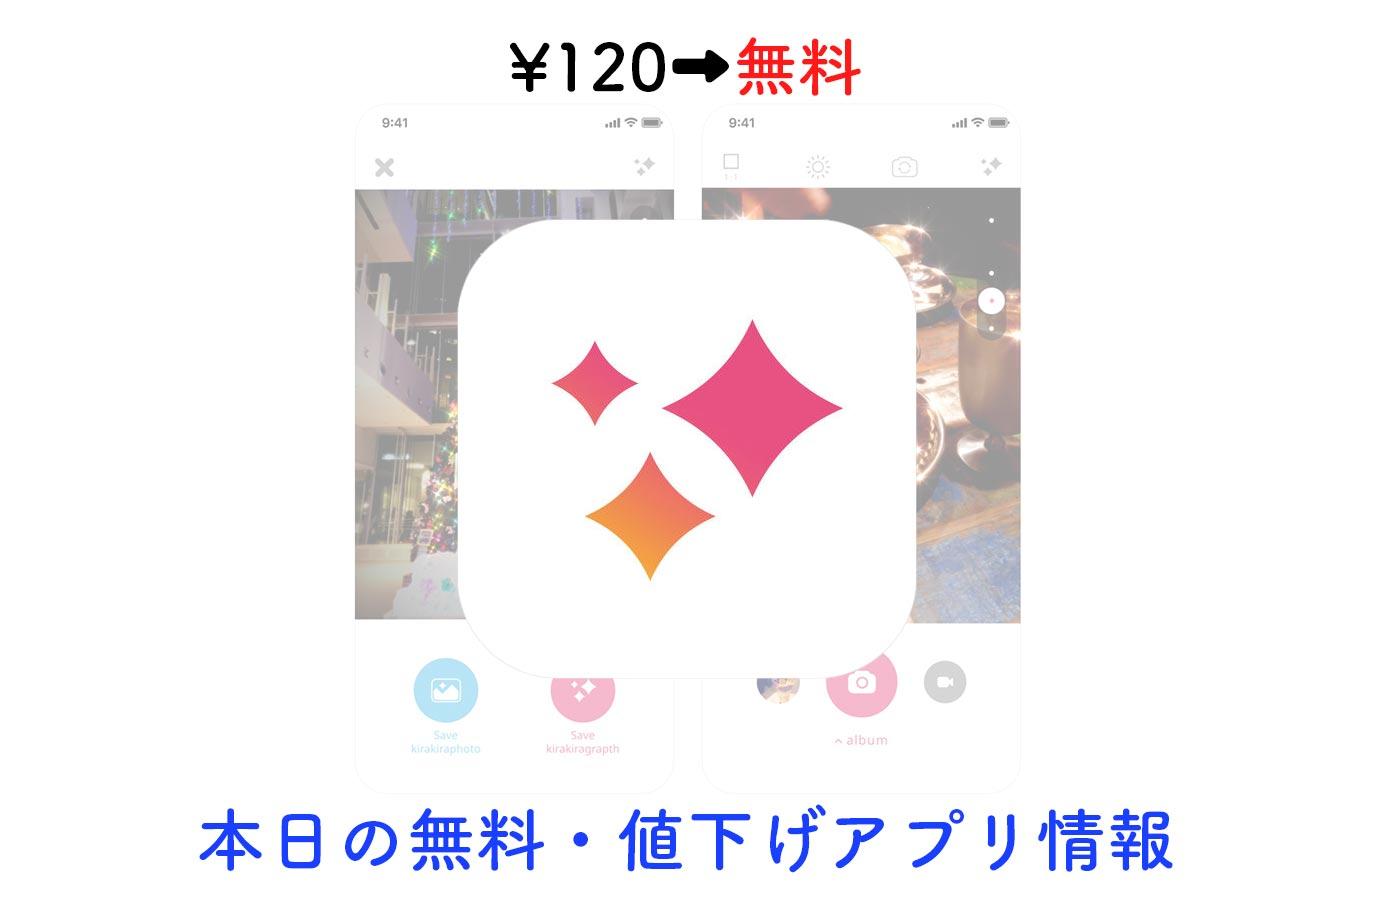 ¥120→無料、キラキラ動画や写真が撮影できる「kirakira+」など【2/7】本日の無料・値下げアプリ情報